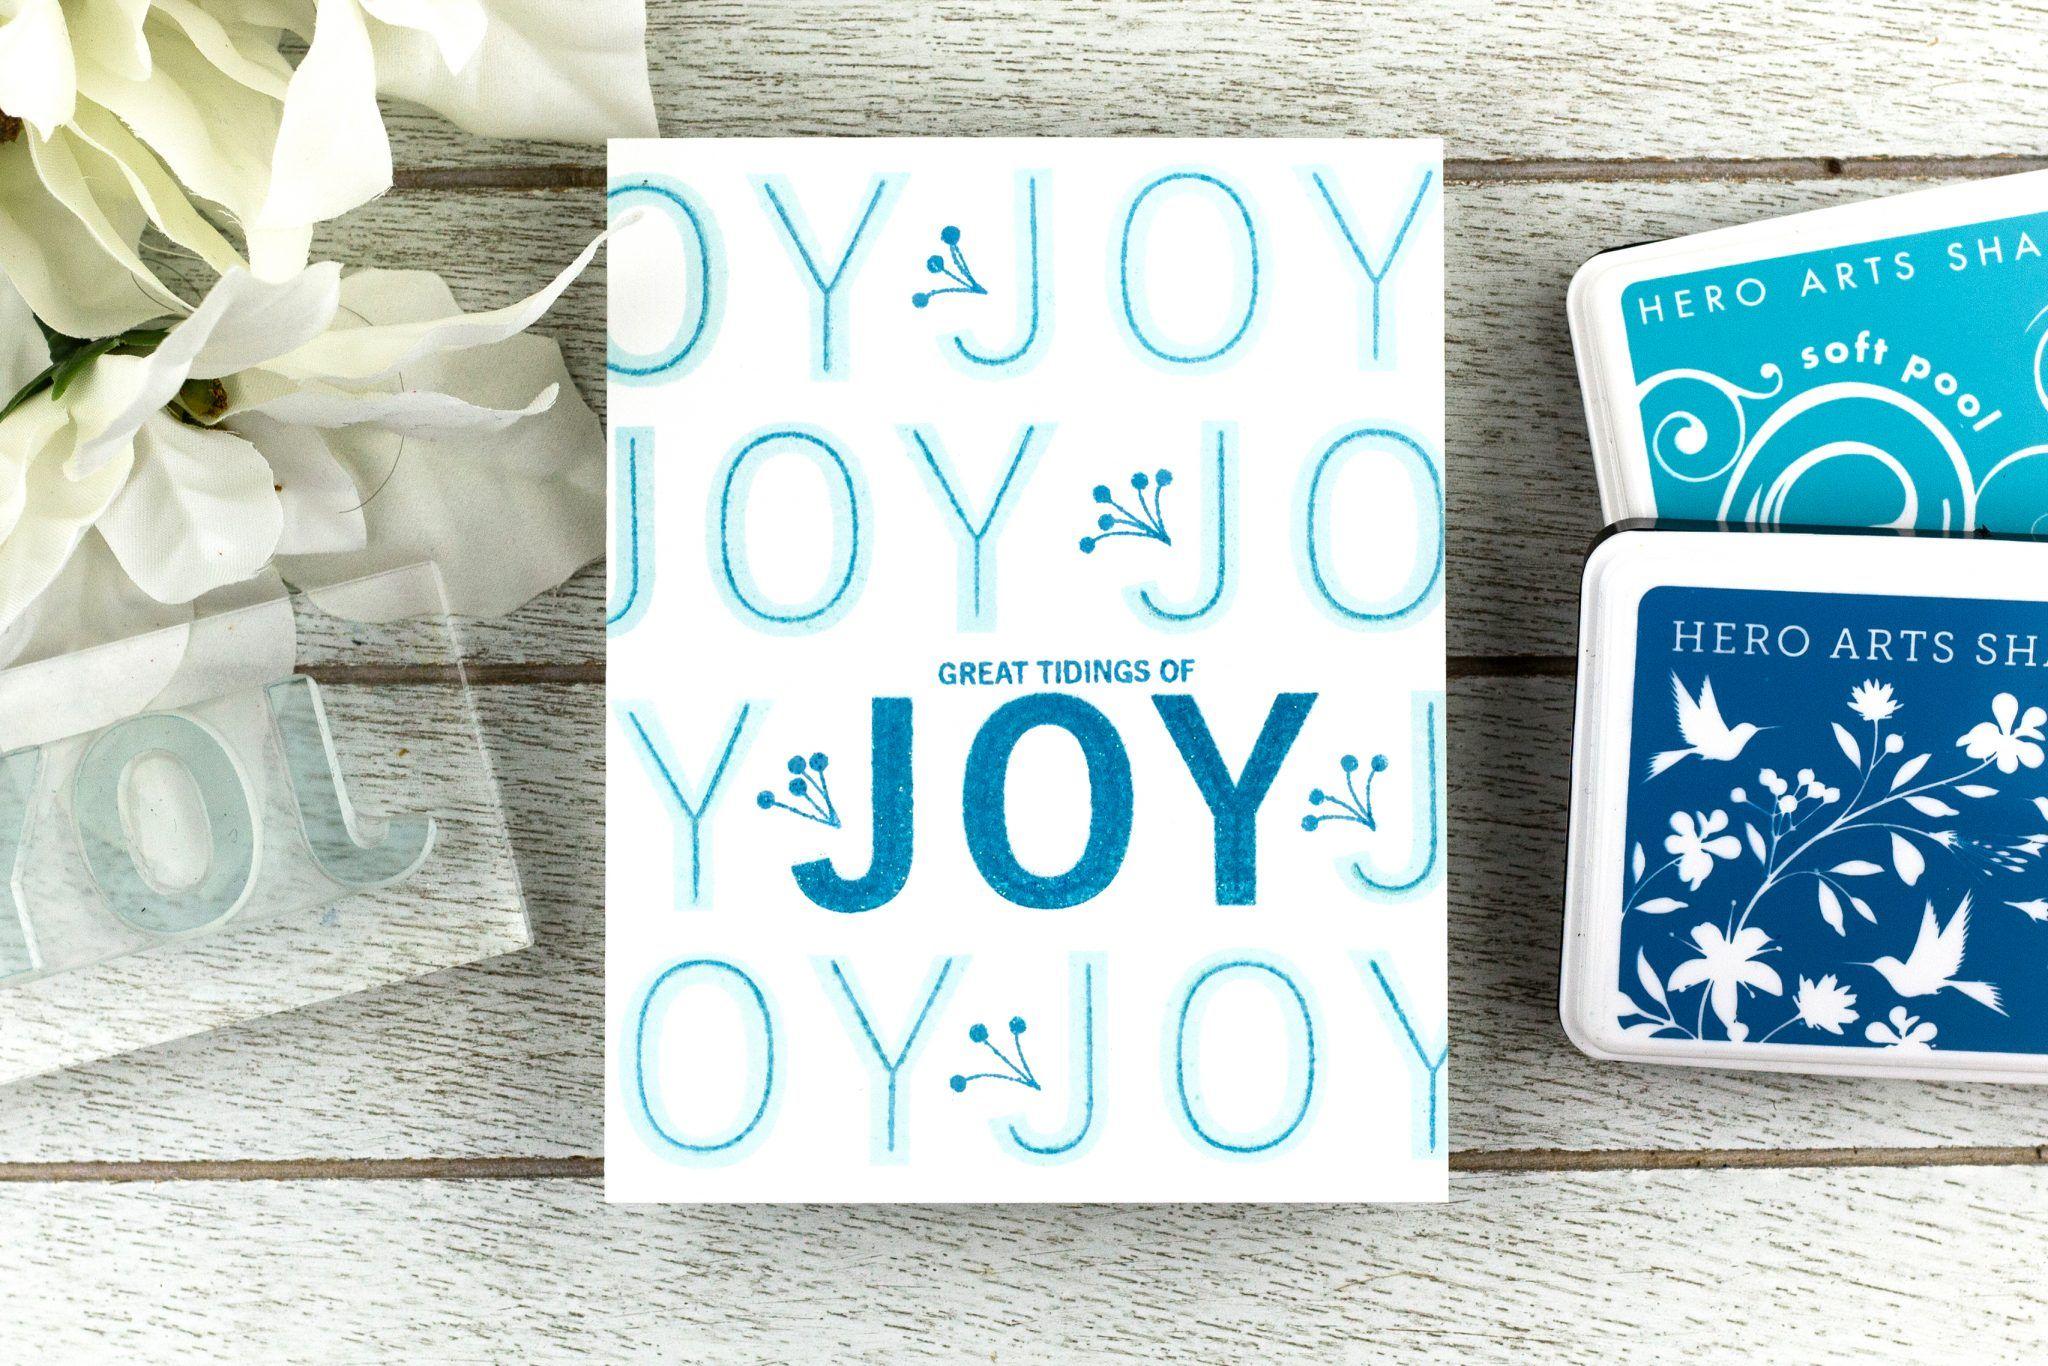 bluejoyclareprezzia Christmas cards, Paperie, Cards